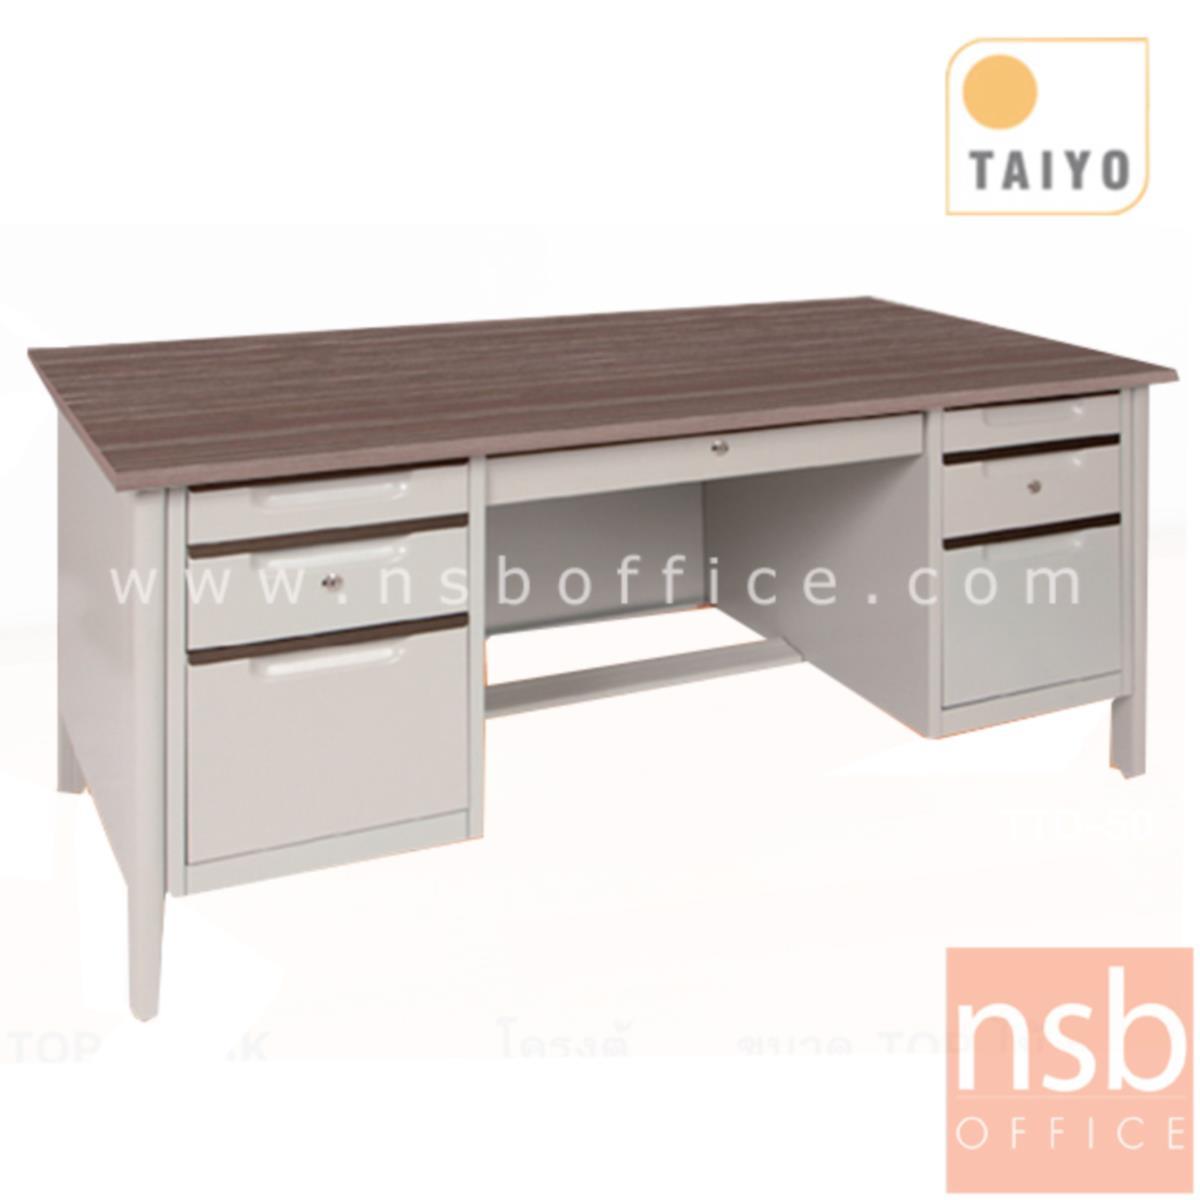 E22A018:โต๊ะทำงานเหล็ก 7 ลิ้นชัก TOP เมลามีน  รุ่น TTD-50 ขนาด 160.5W*75H cm. ขากล่องใหม่ชิดริม